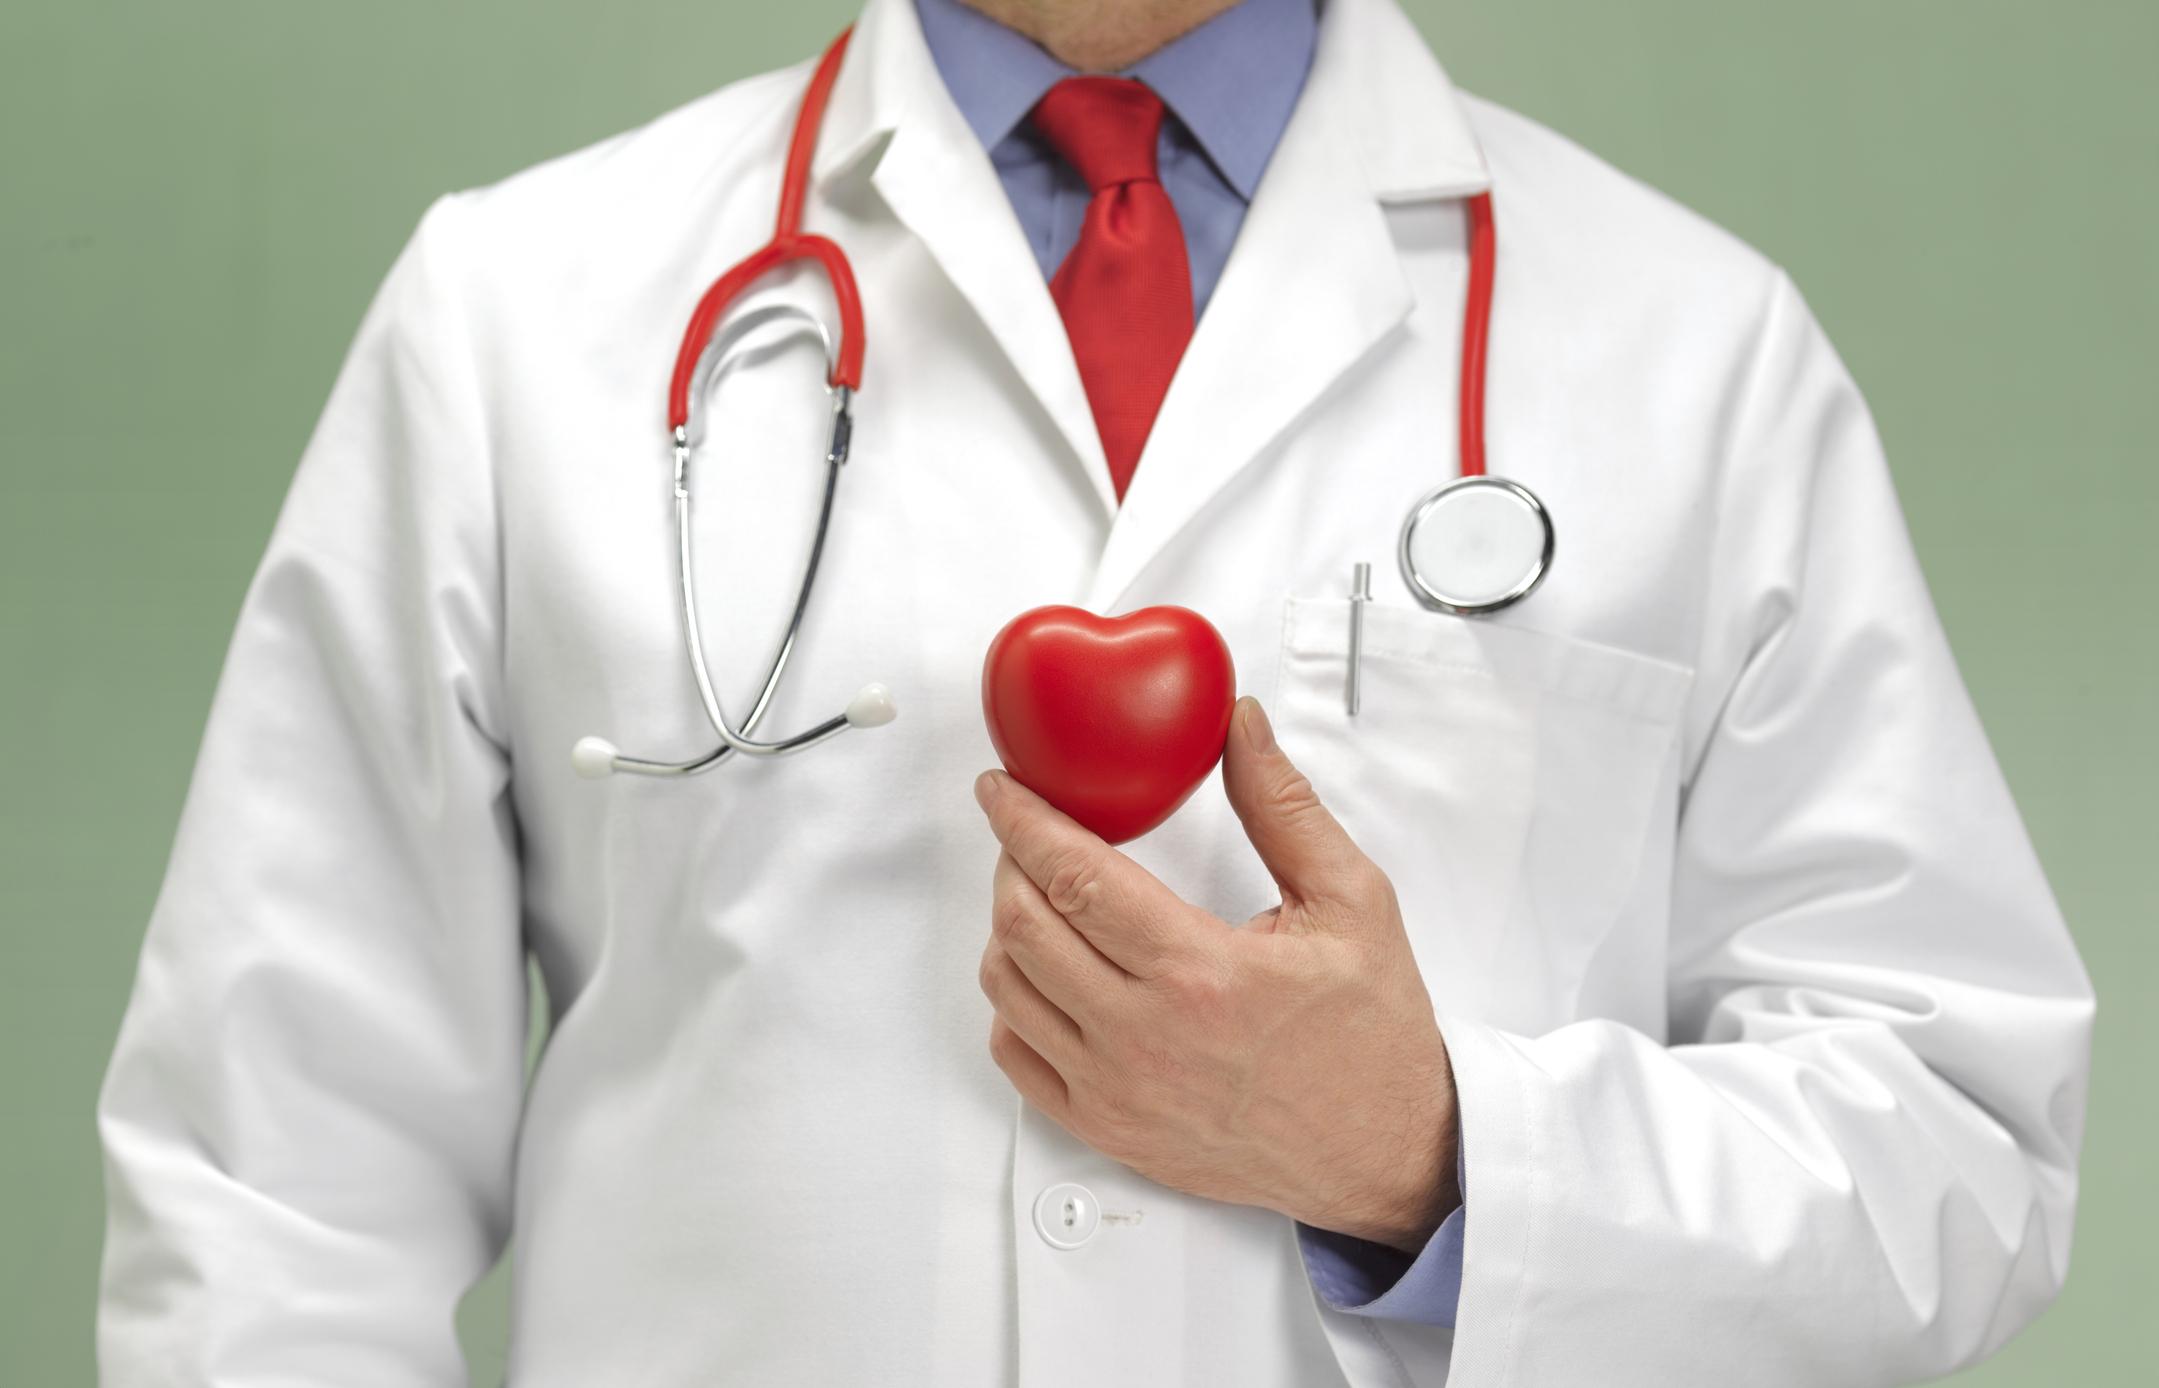 tanács magas vérnyomásban szenvedőknek